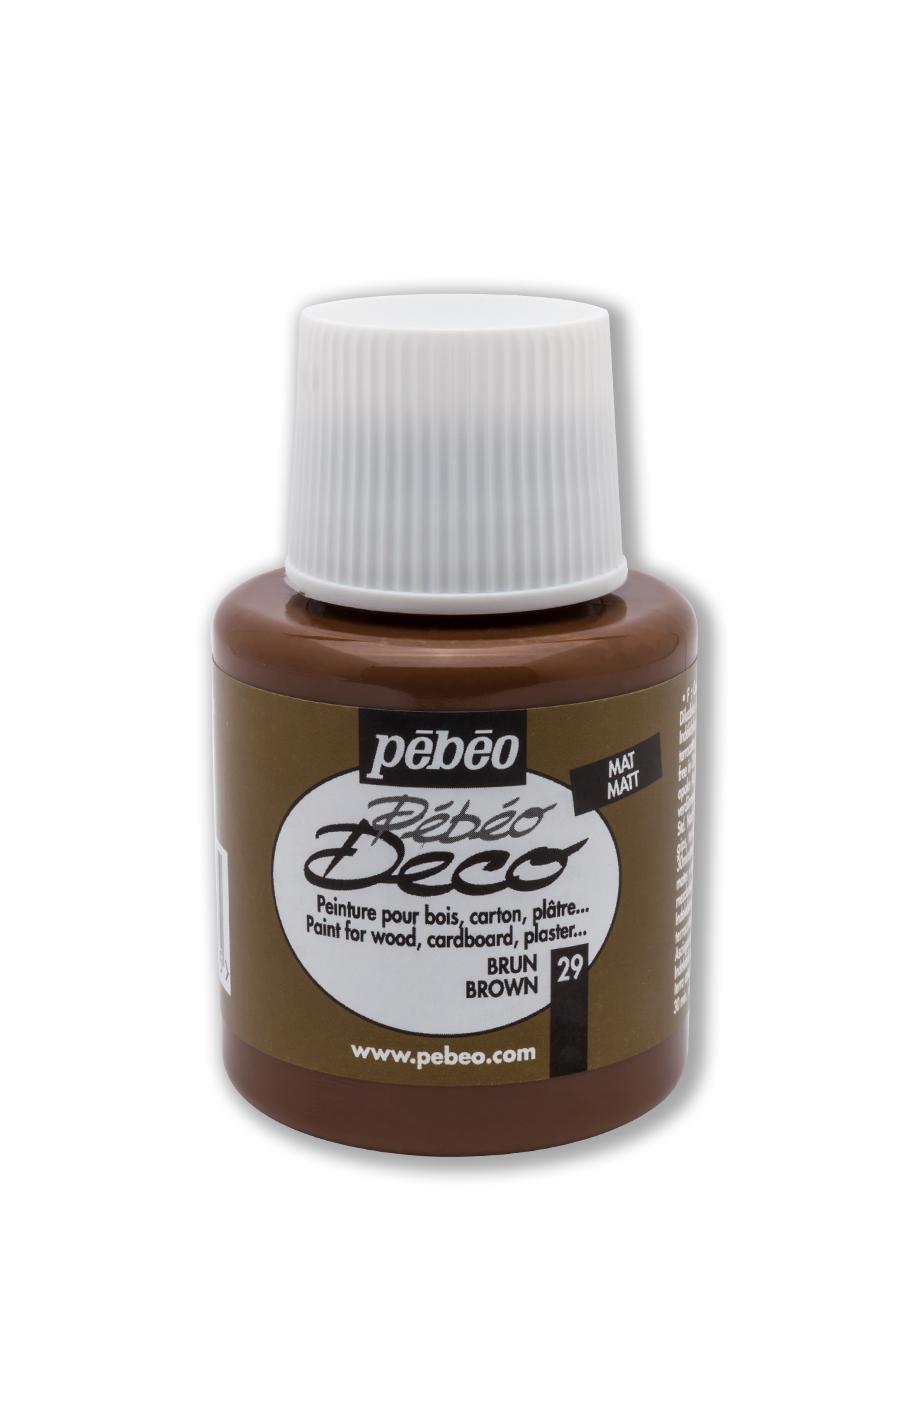 Pebeo Deco Akrilik 110 ml NO: 29 brown